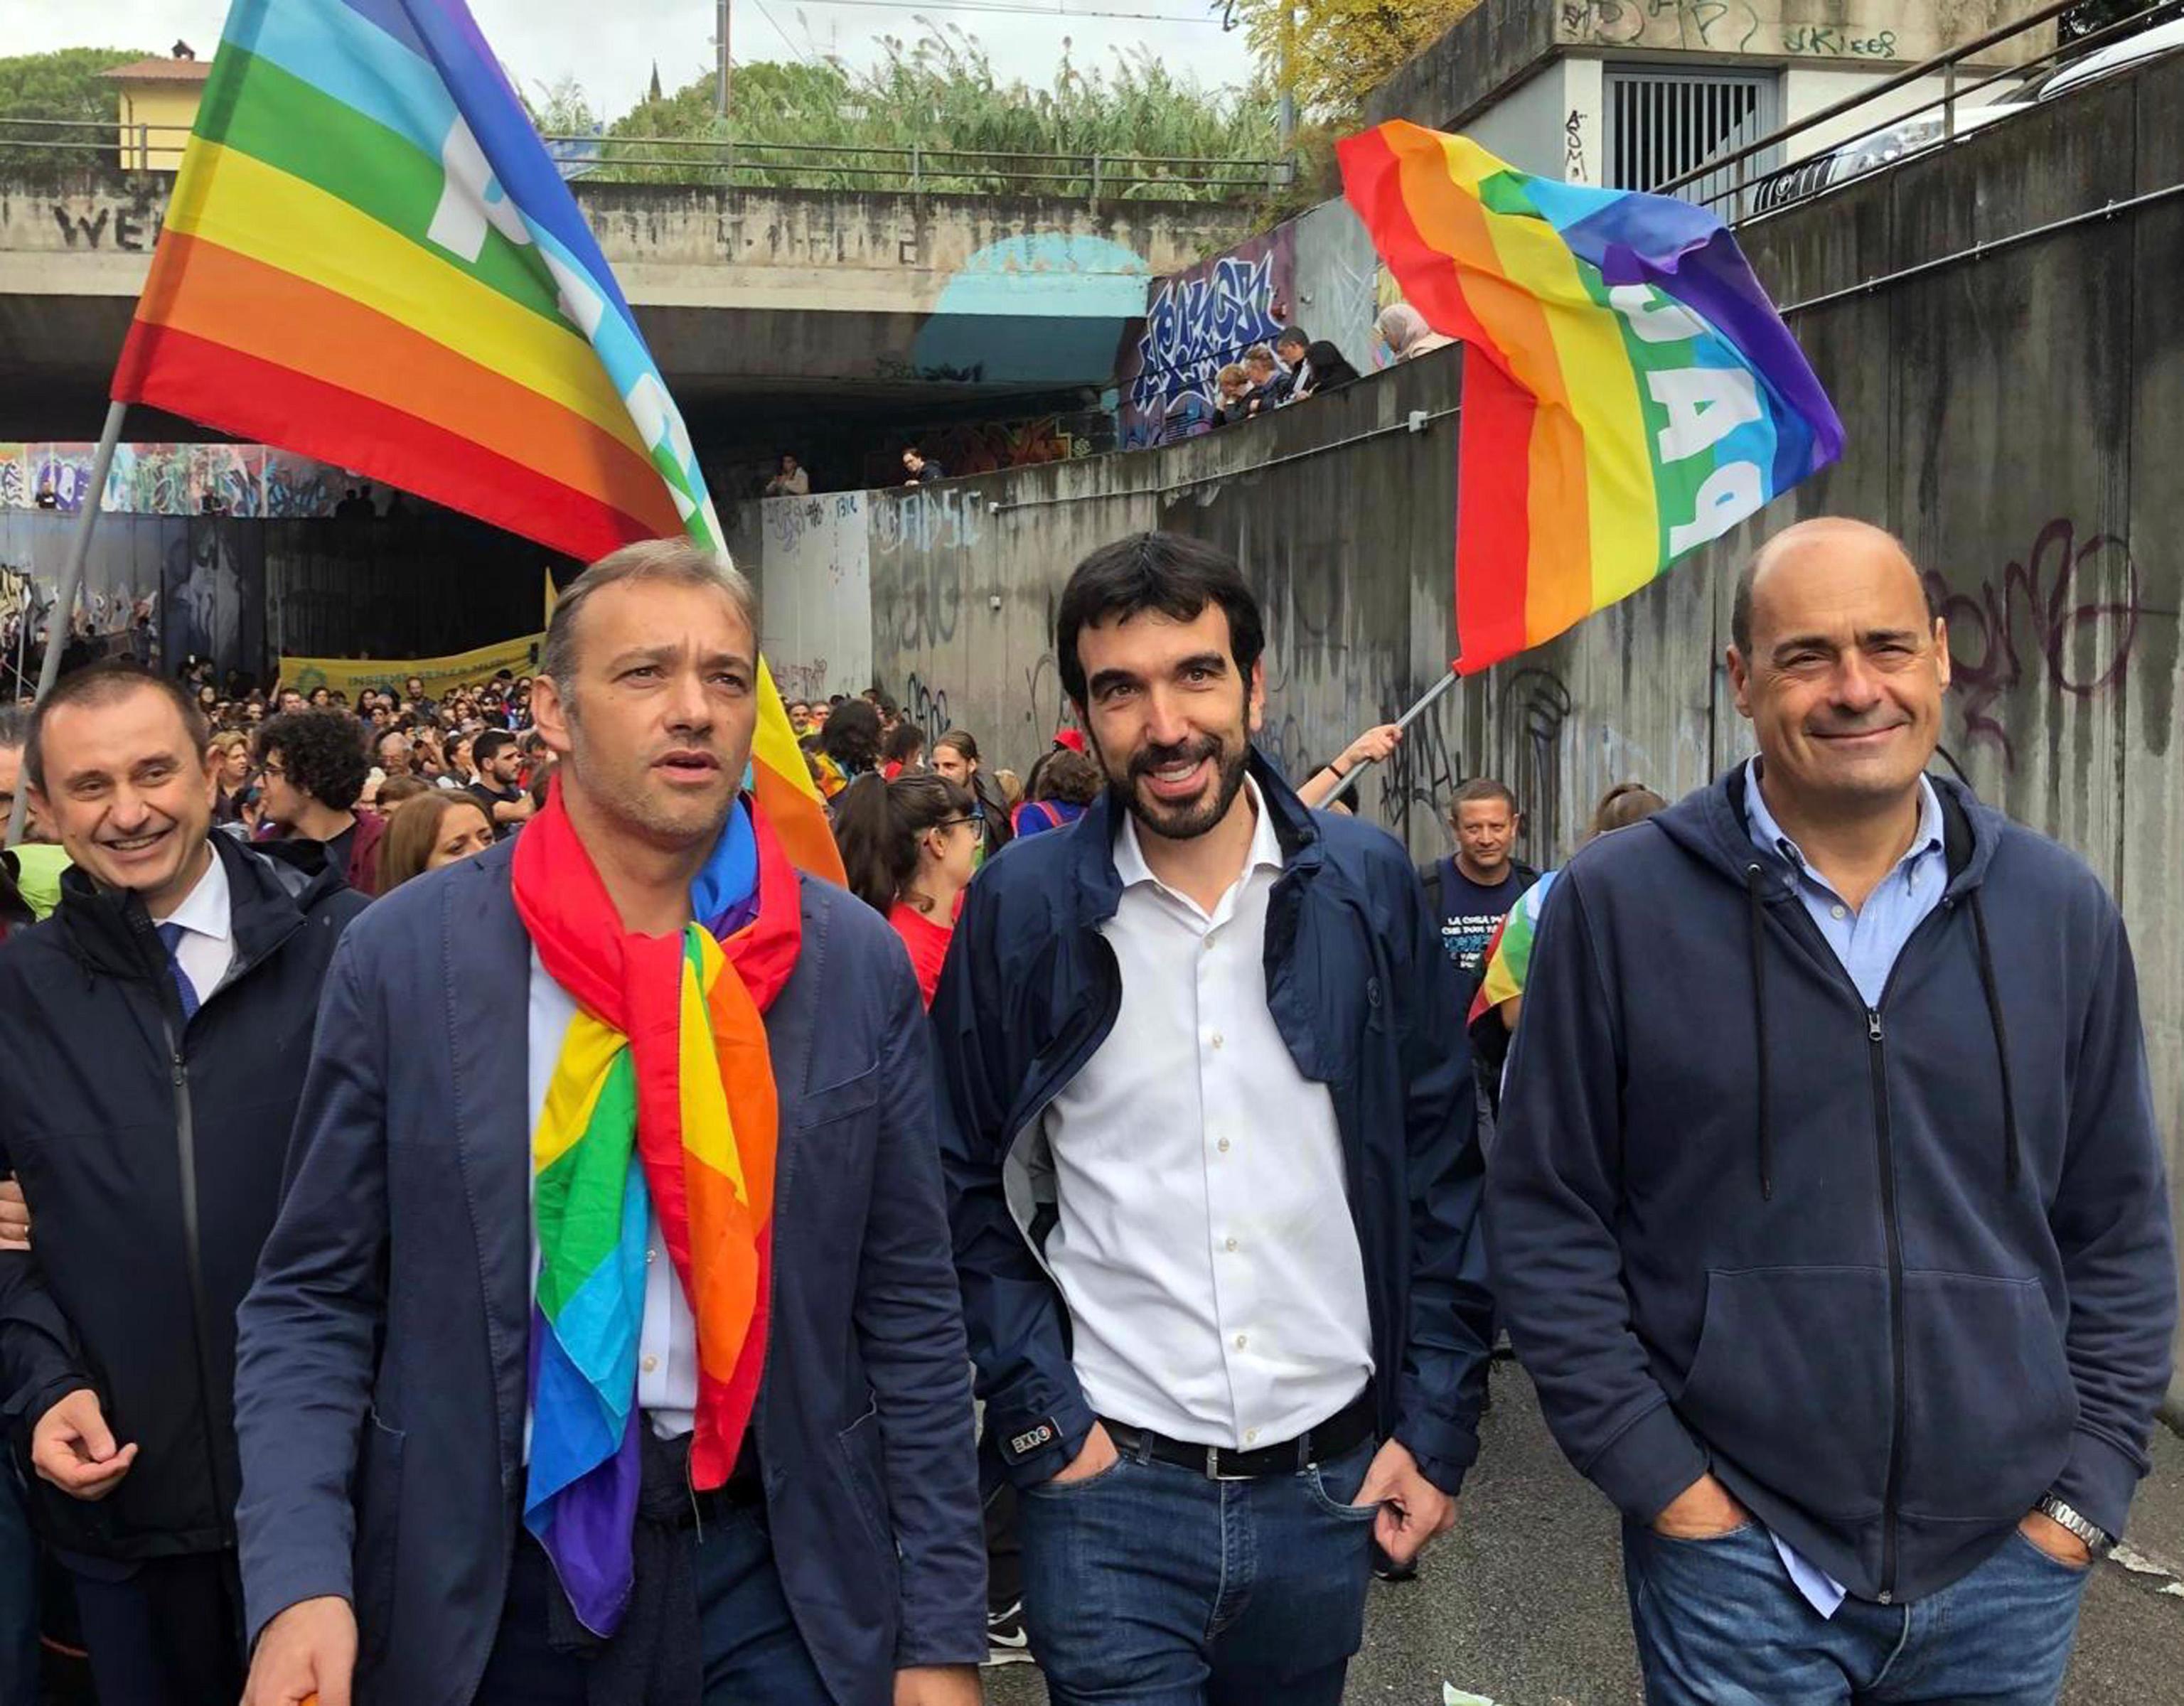 Da sinistra: Ettore Rosato, Matteo Richetti, il segretario del Partito Democratico Maurizio Martina e il presidente della Regione Lazio, Nicola Zingaretti, partecipano alla